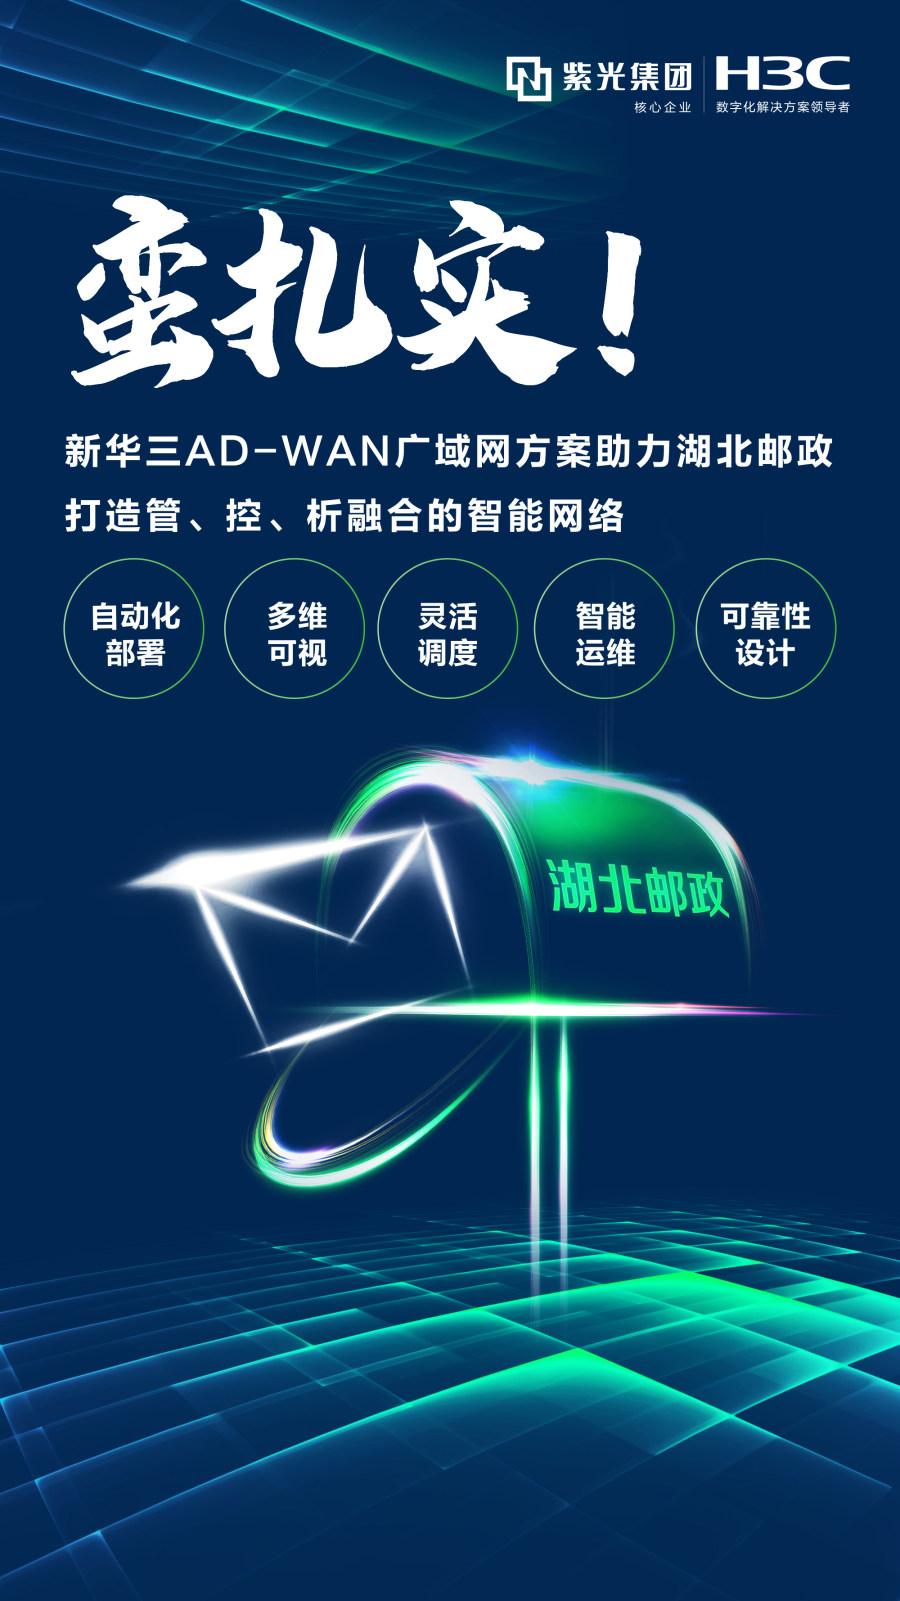 """助力湖北邮政按下转型""""快进键"""" 新华三AD-WAN在行动"""